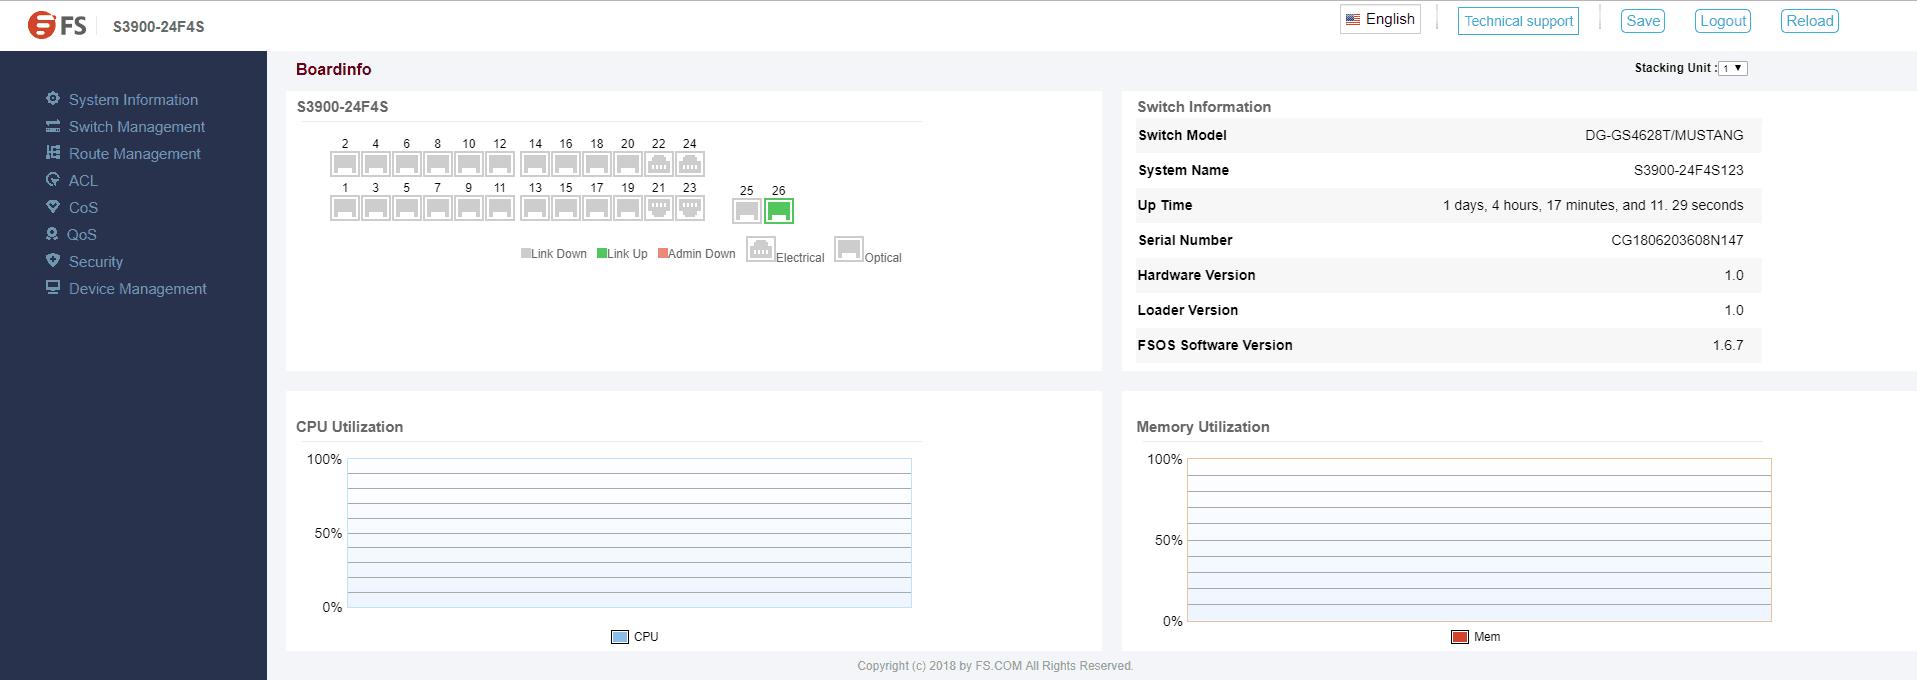 Configuration Status